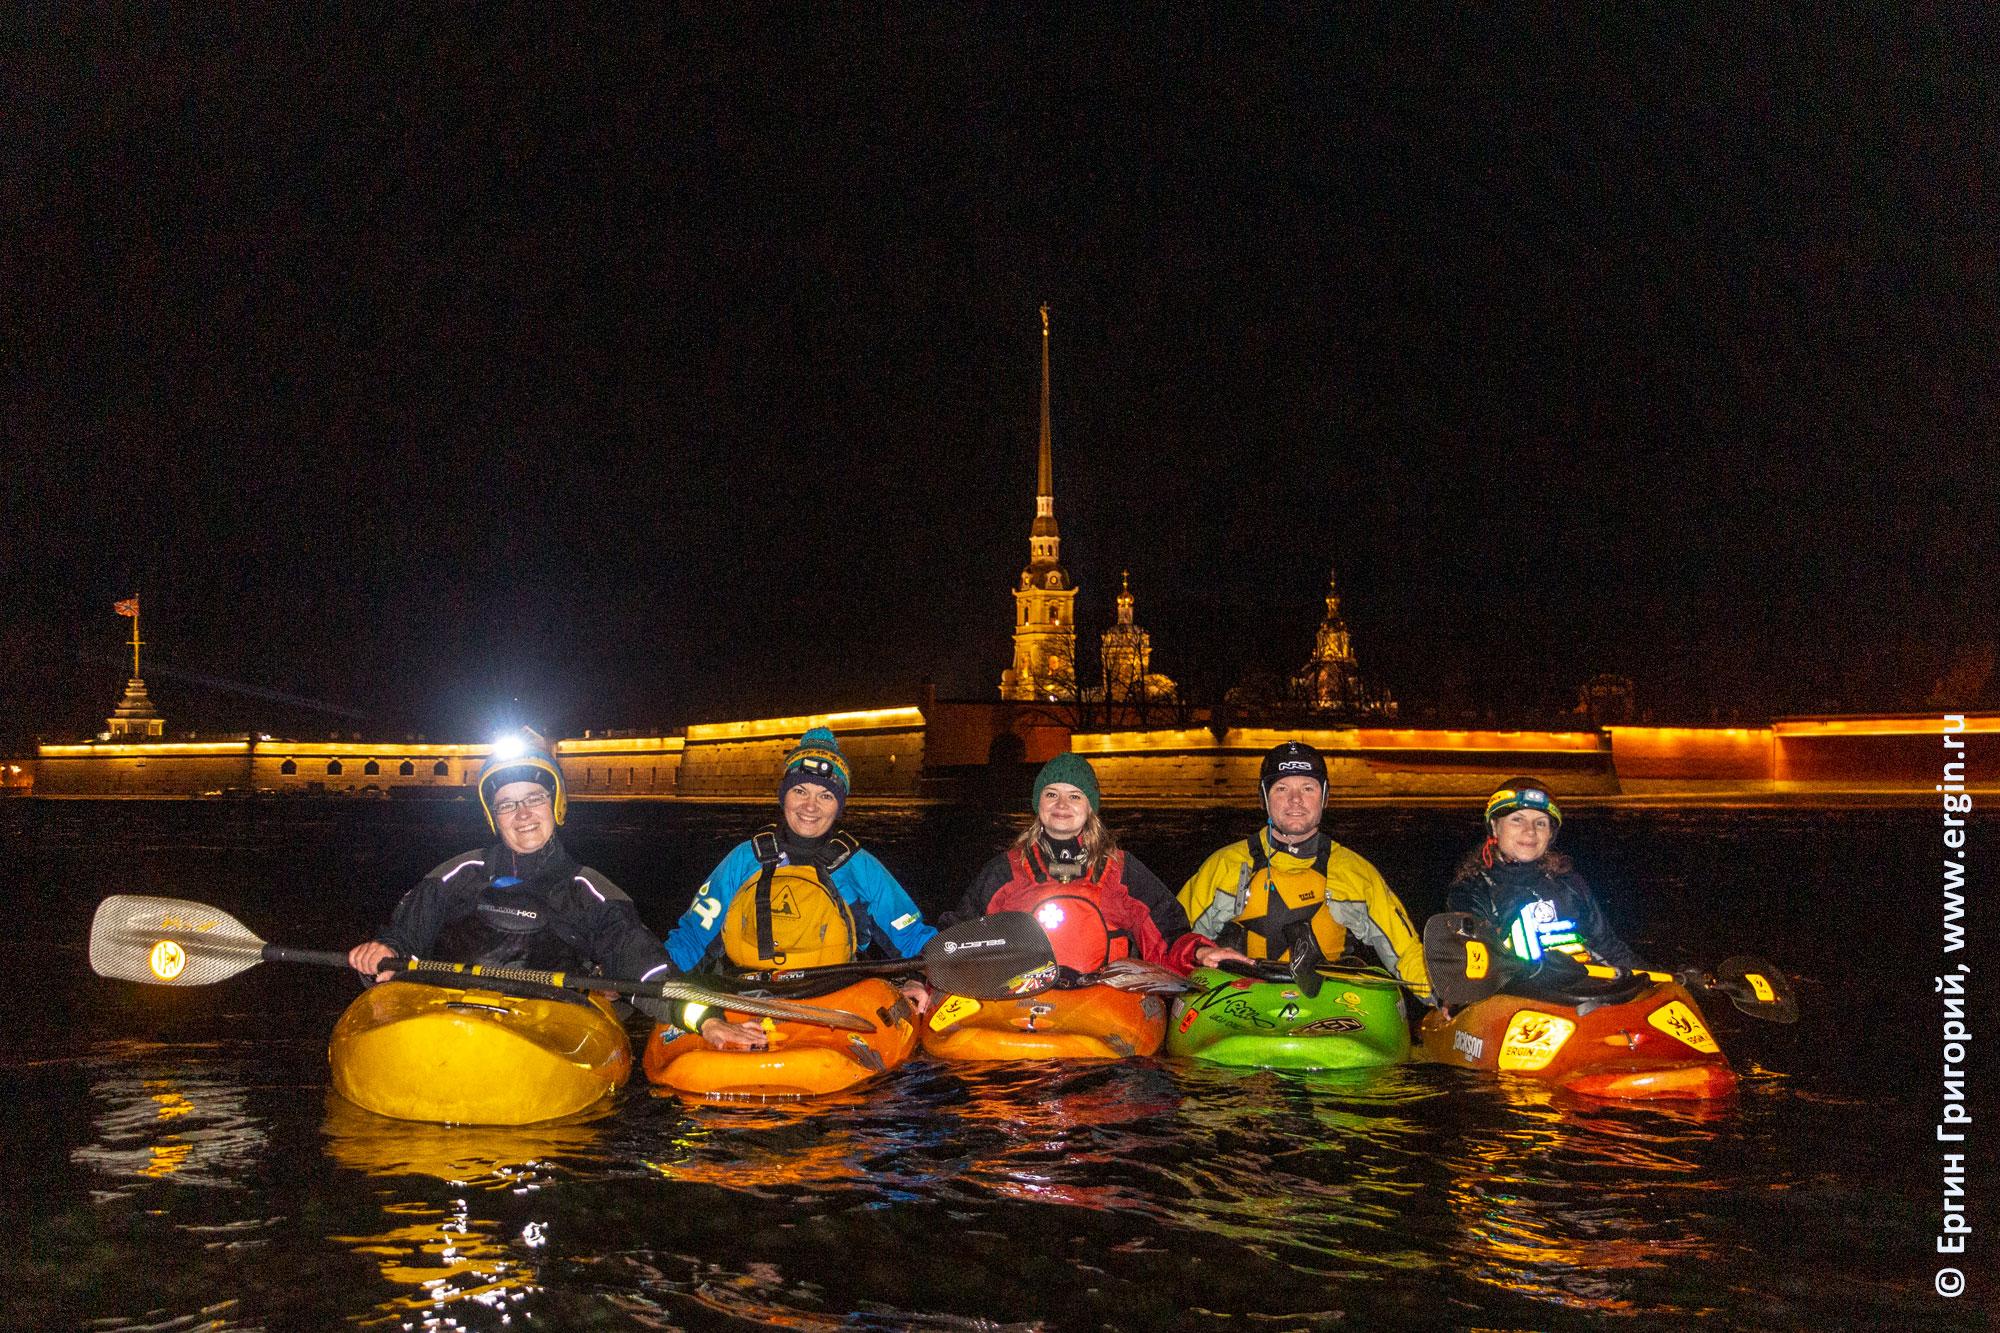 Санкт-Петербург каякеры на фоне Петропавловской крепости на Неве